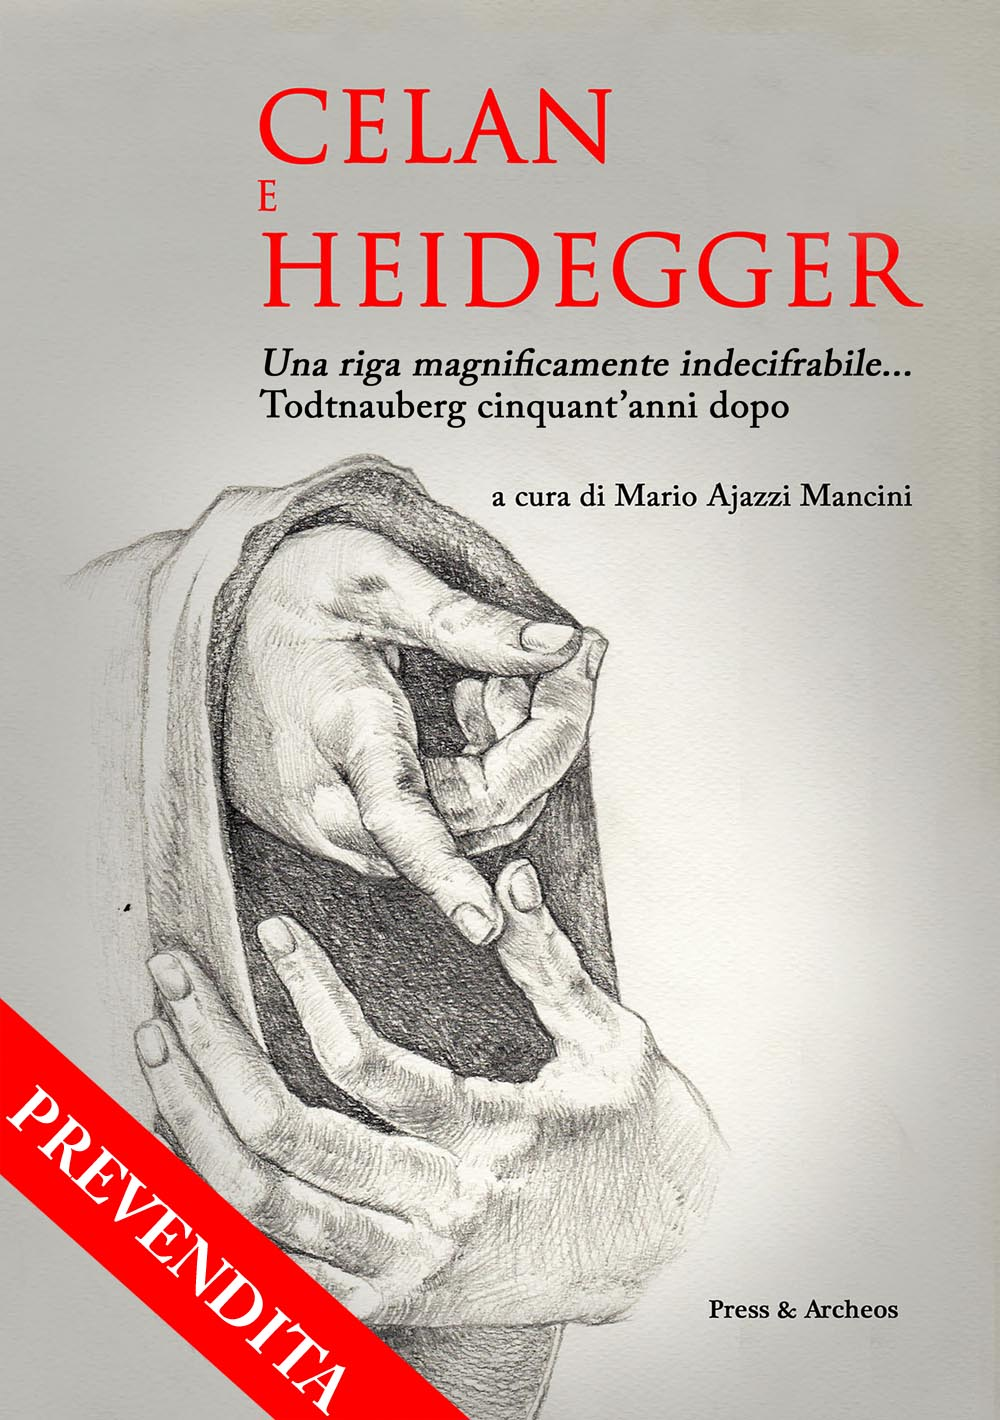 celan-heidegger-prevendita_rtk